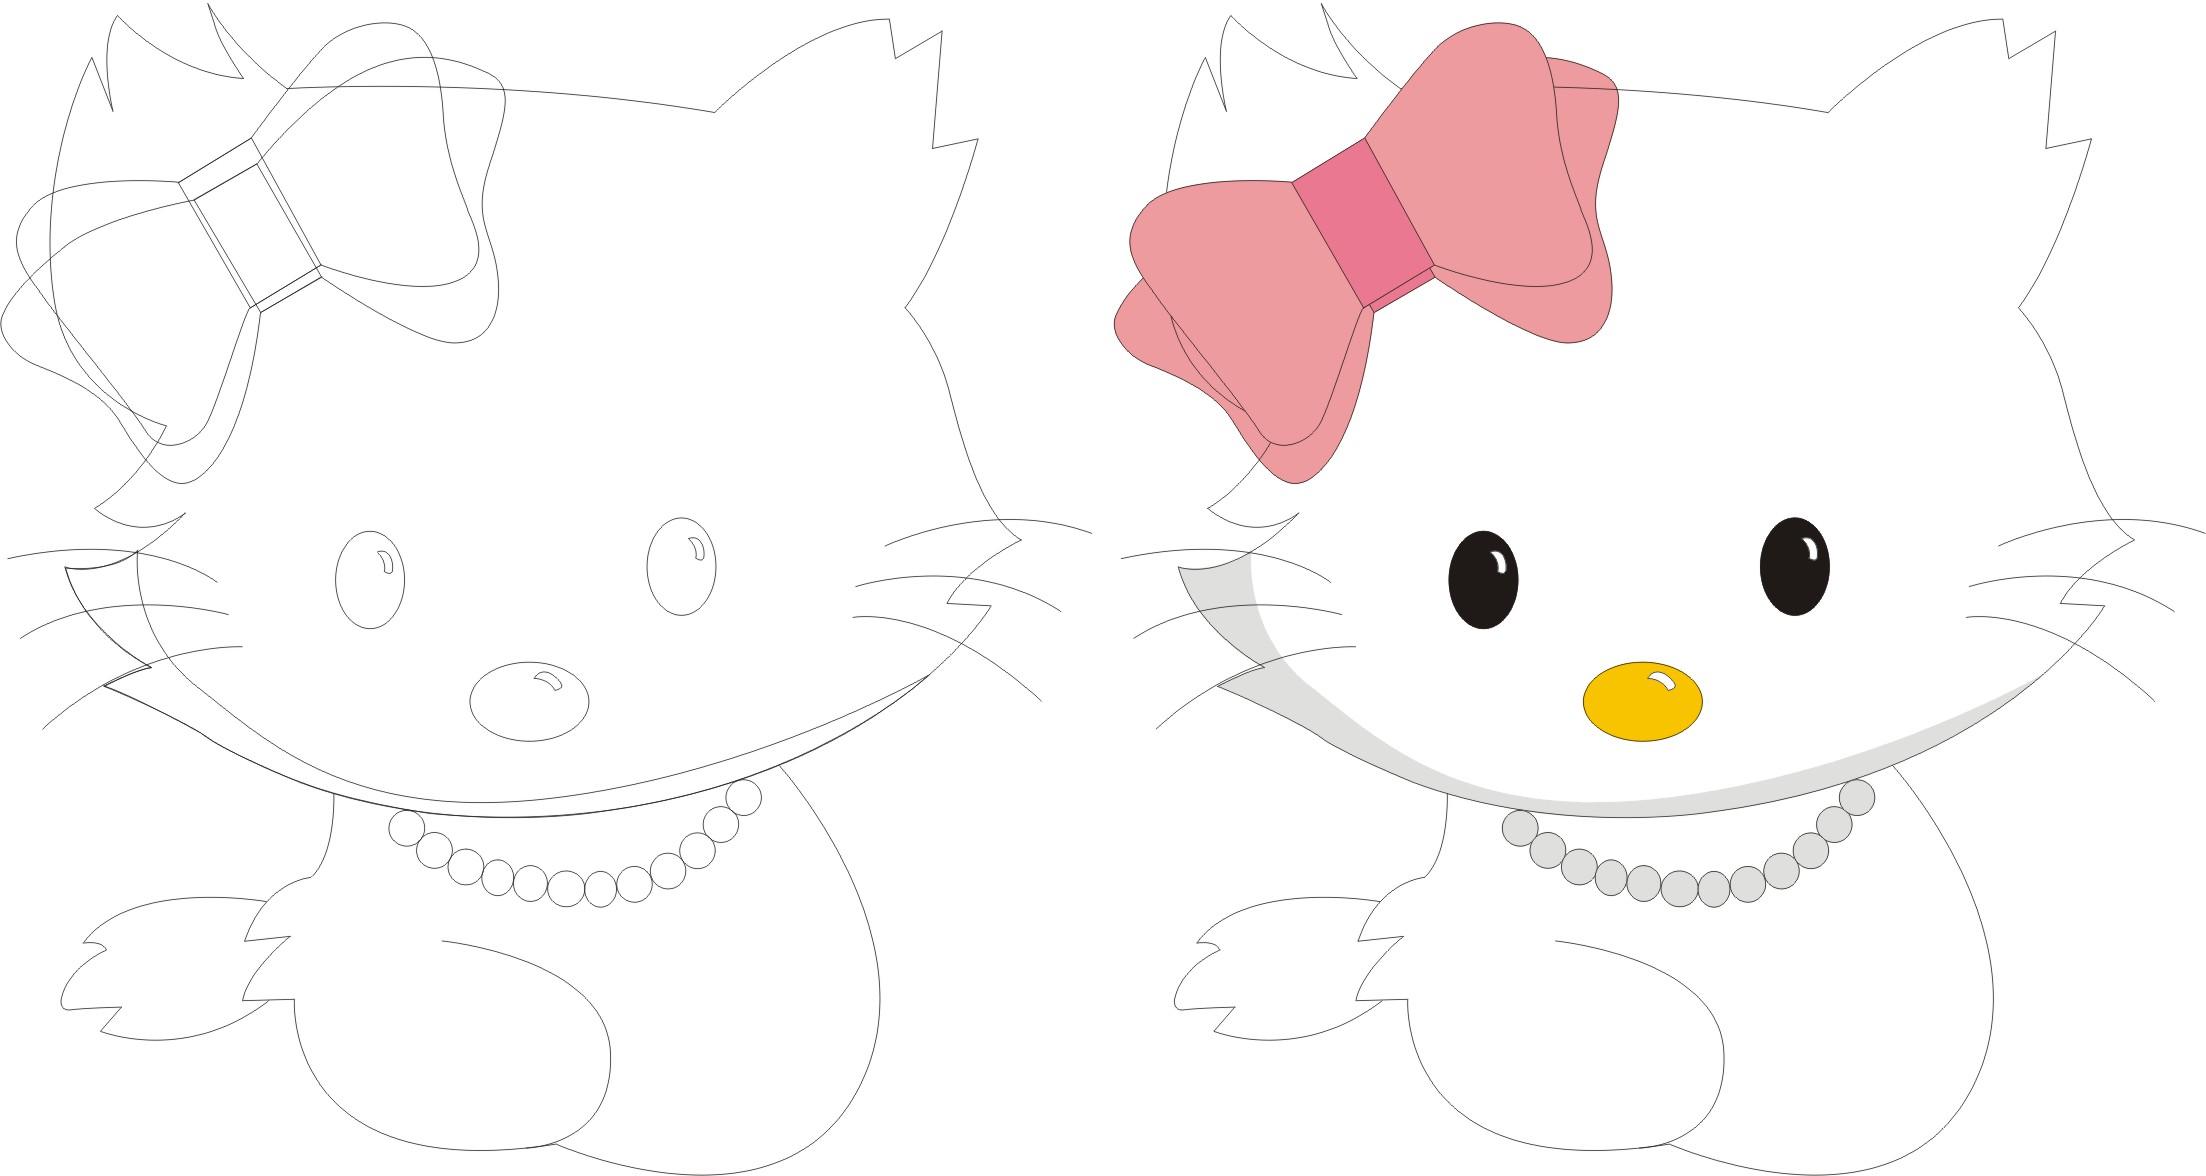 征求一个卡通猫的形象